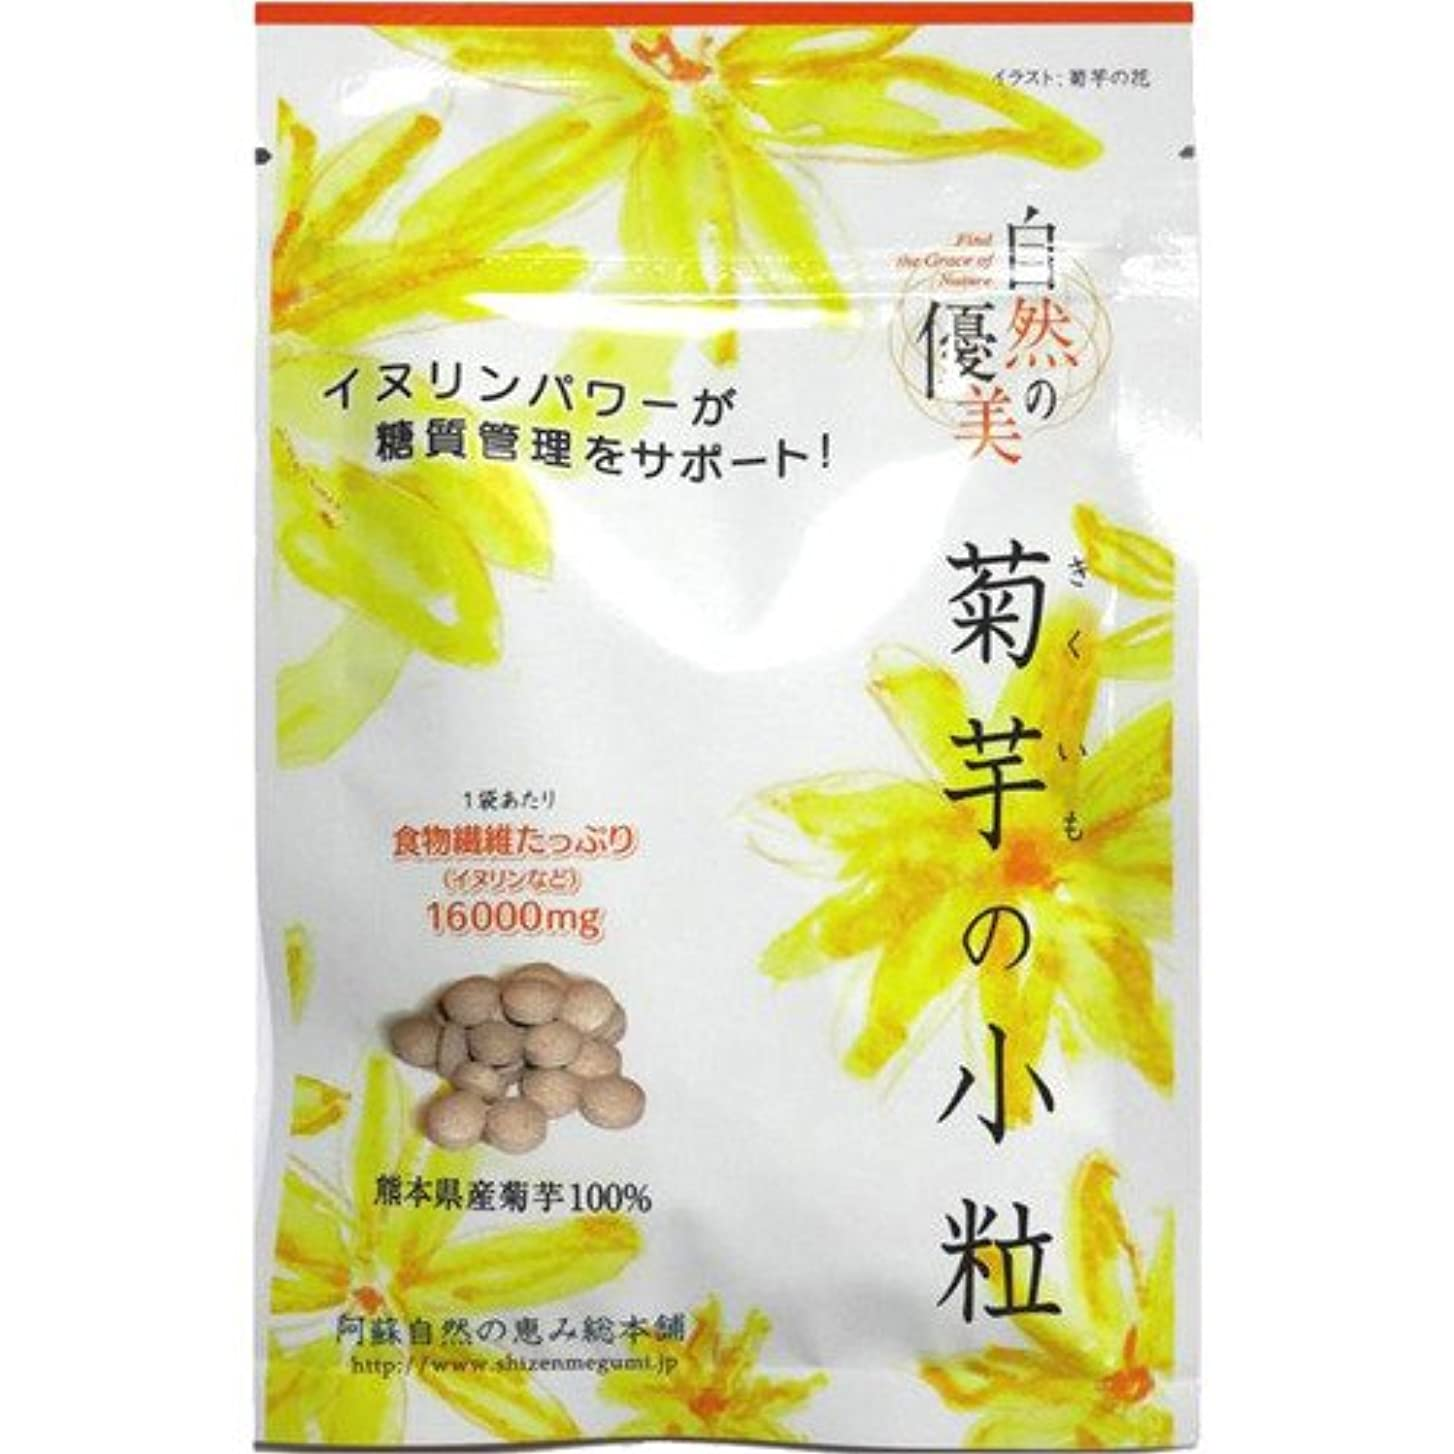 意気消沈した湿度漁師阿蘇自然の恵み総本舗 菊芋の小粒 100錠